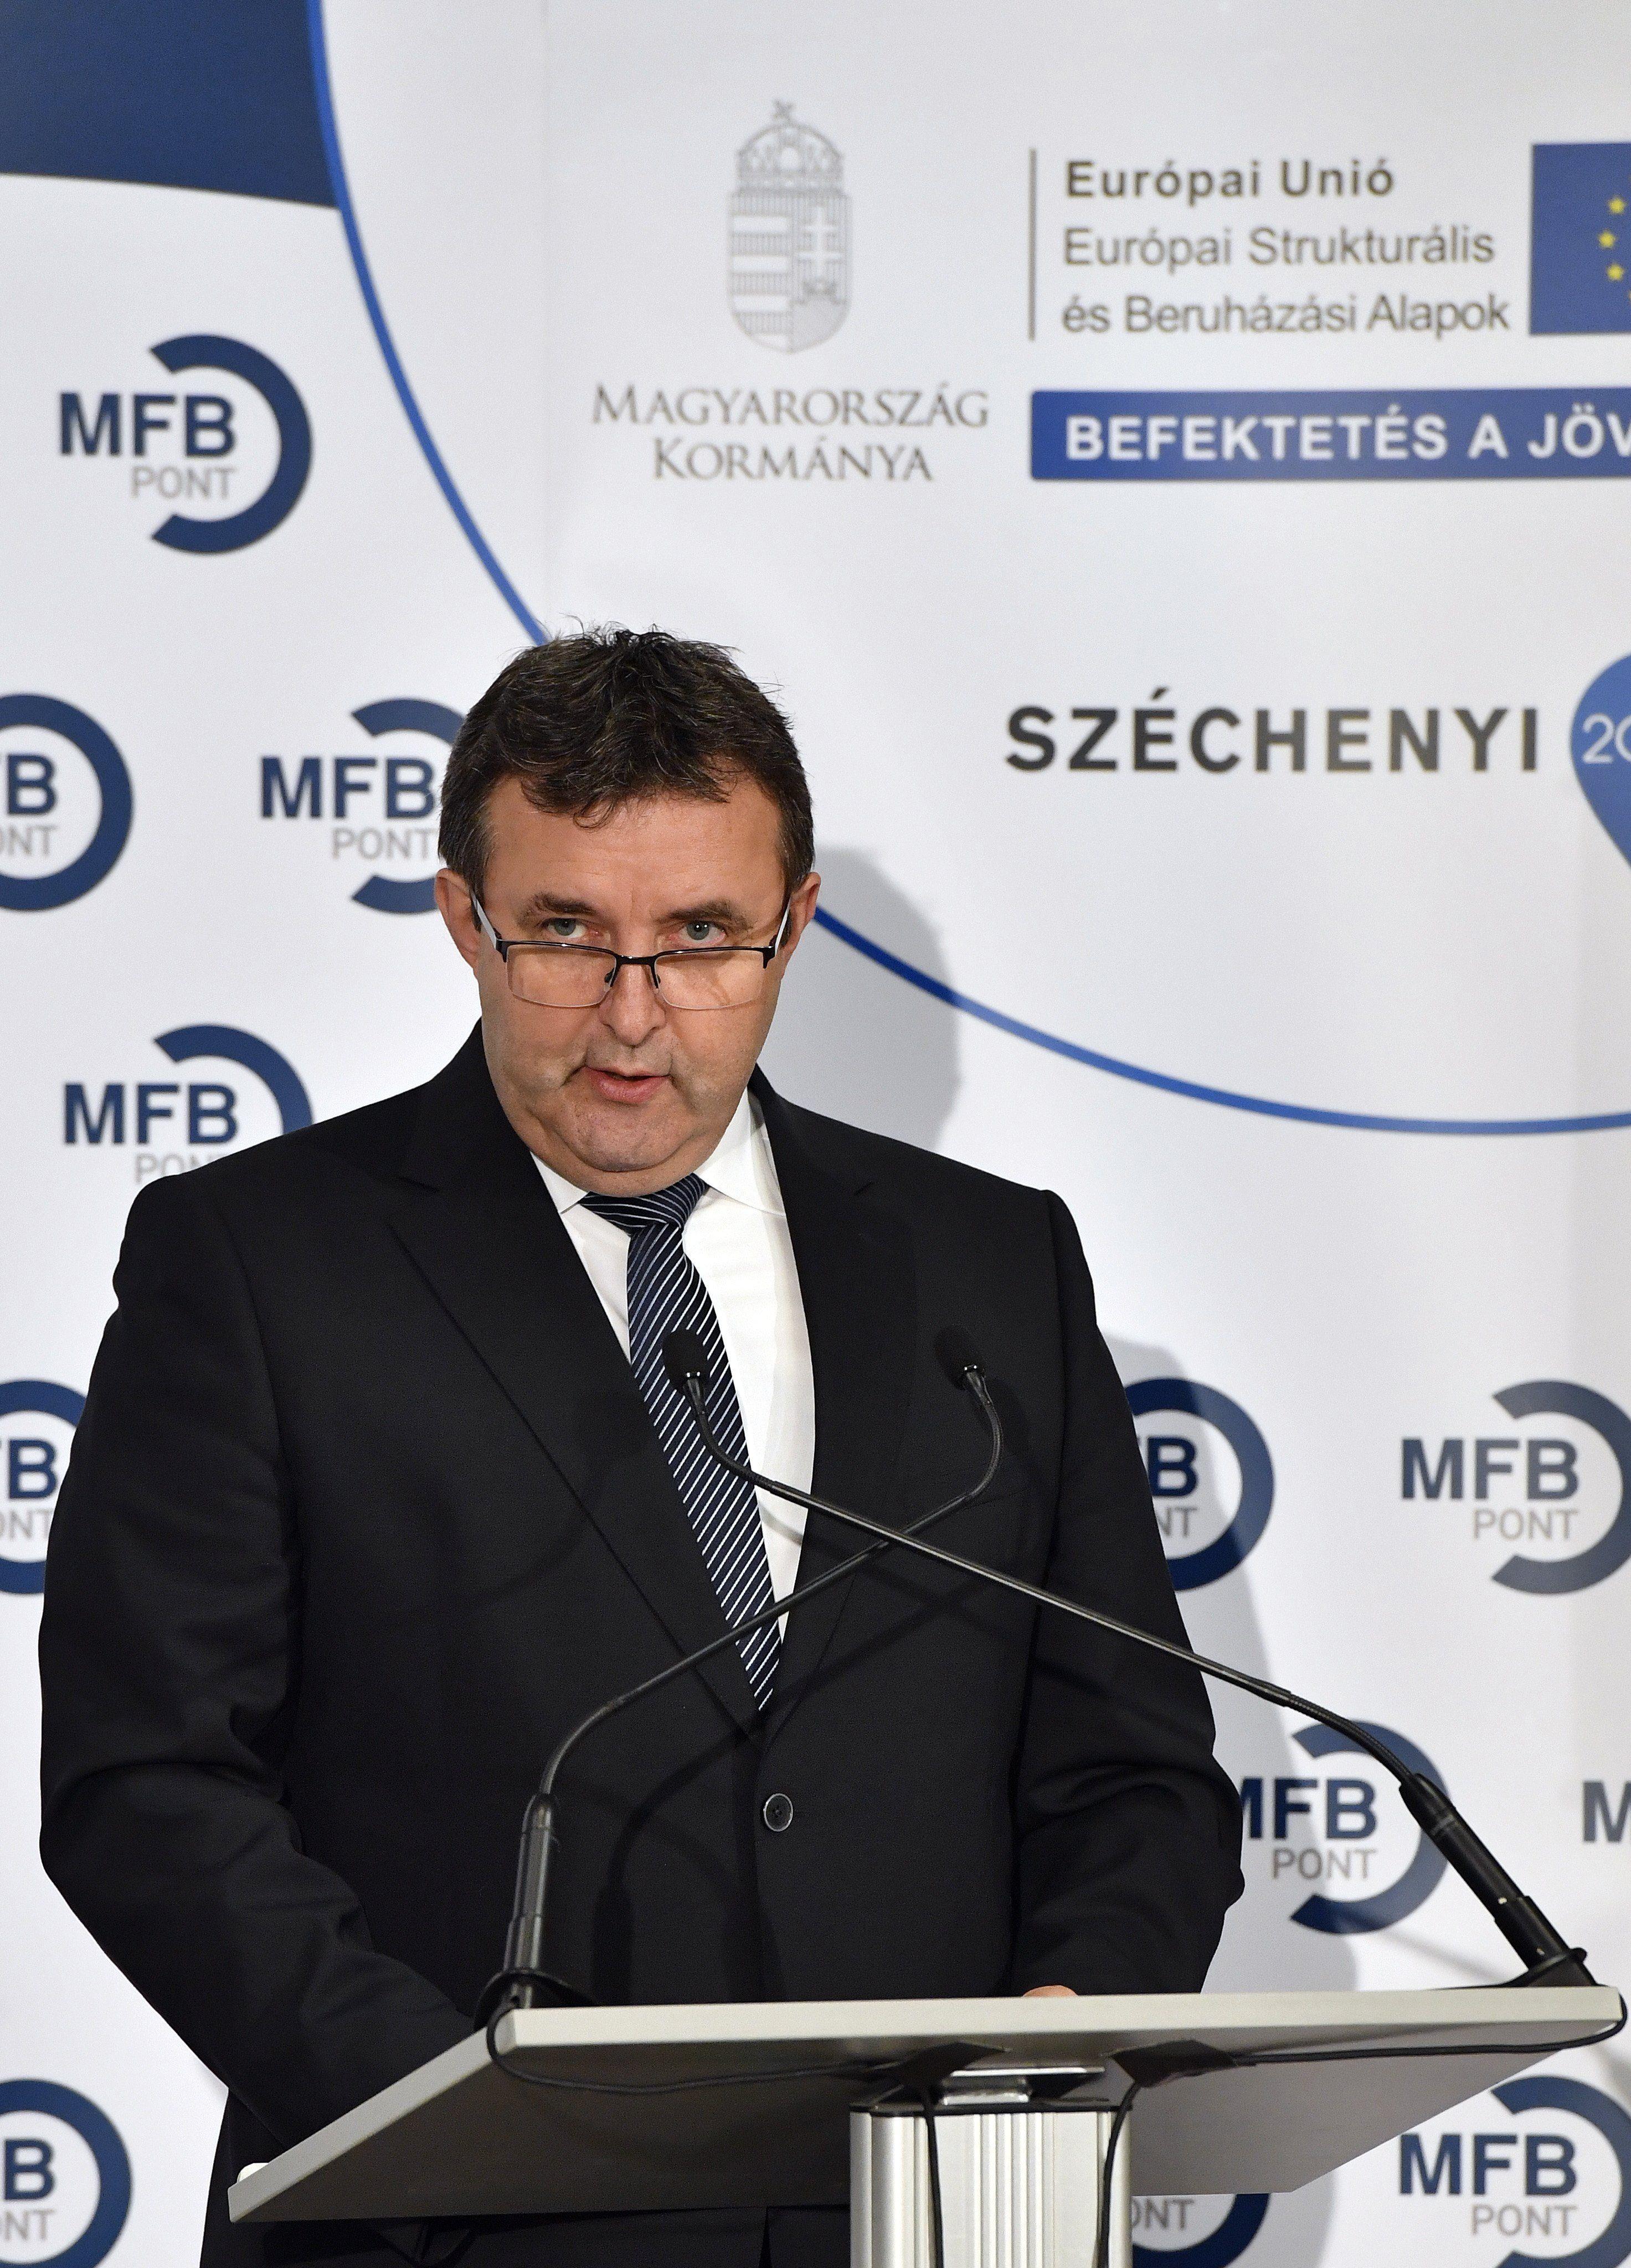 Palkovics innovációs miniszter megkapta a Corvinus Egyetemet